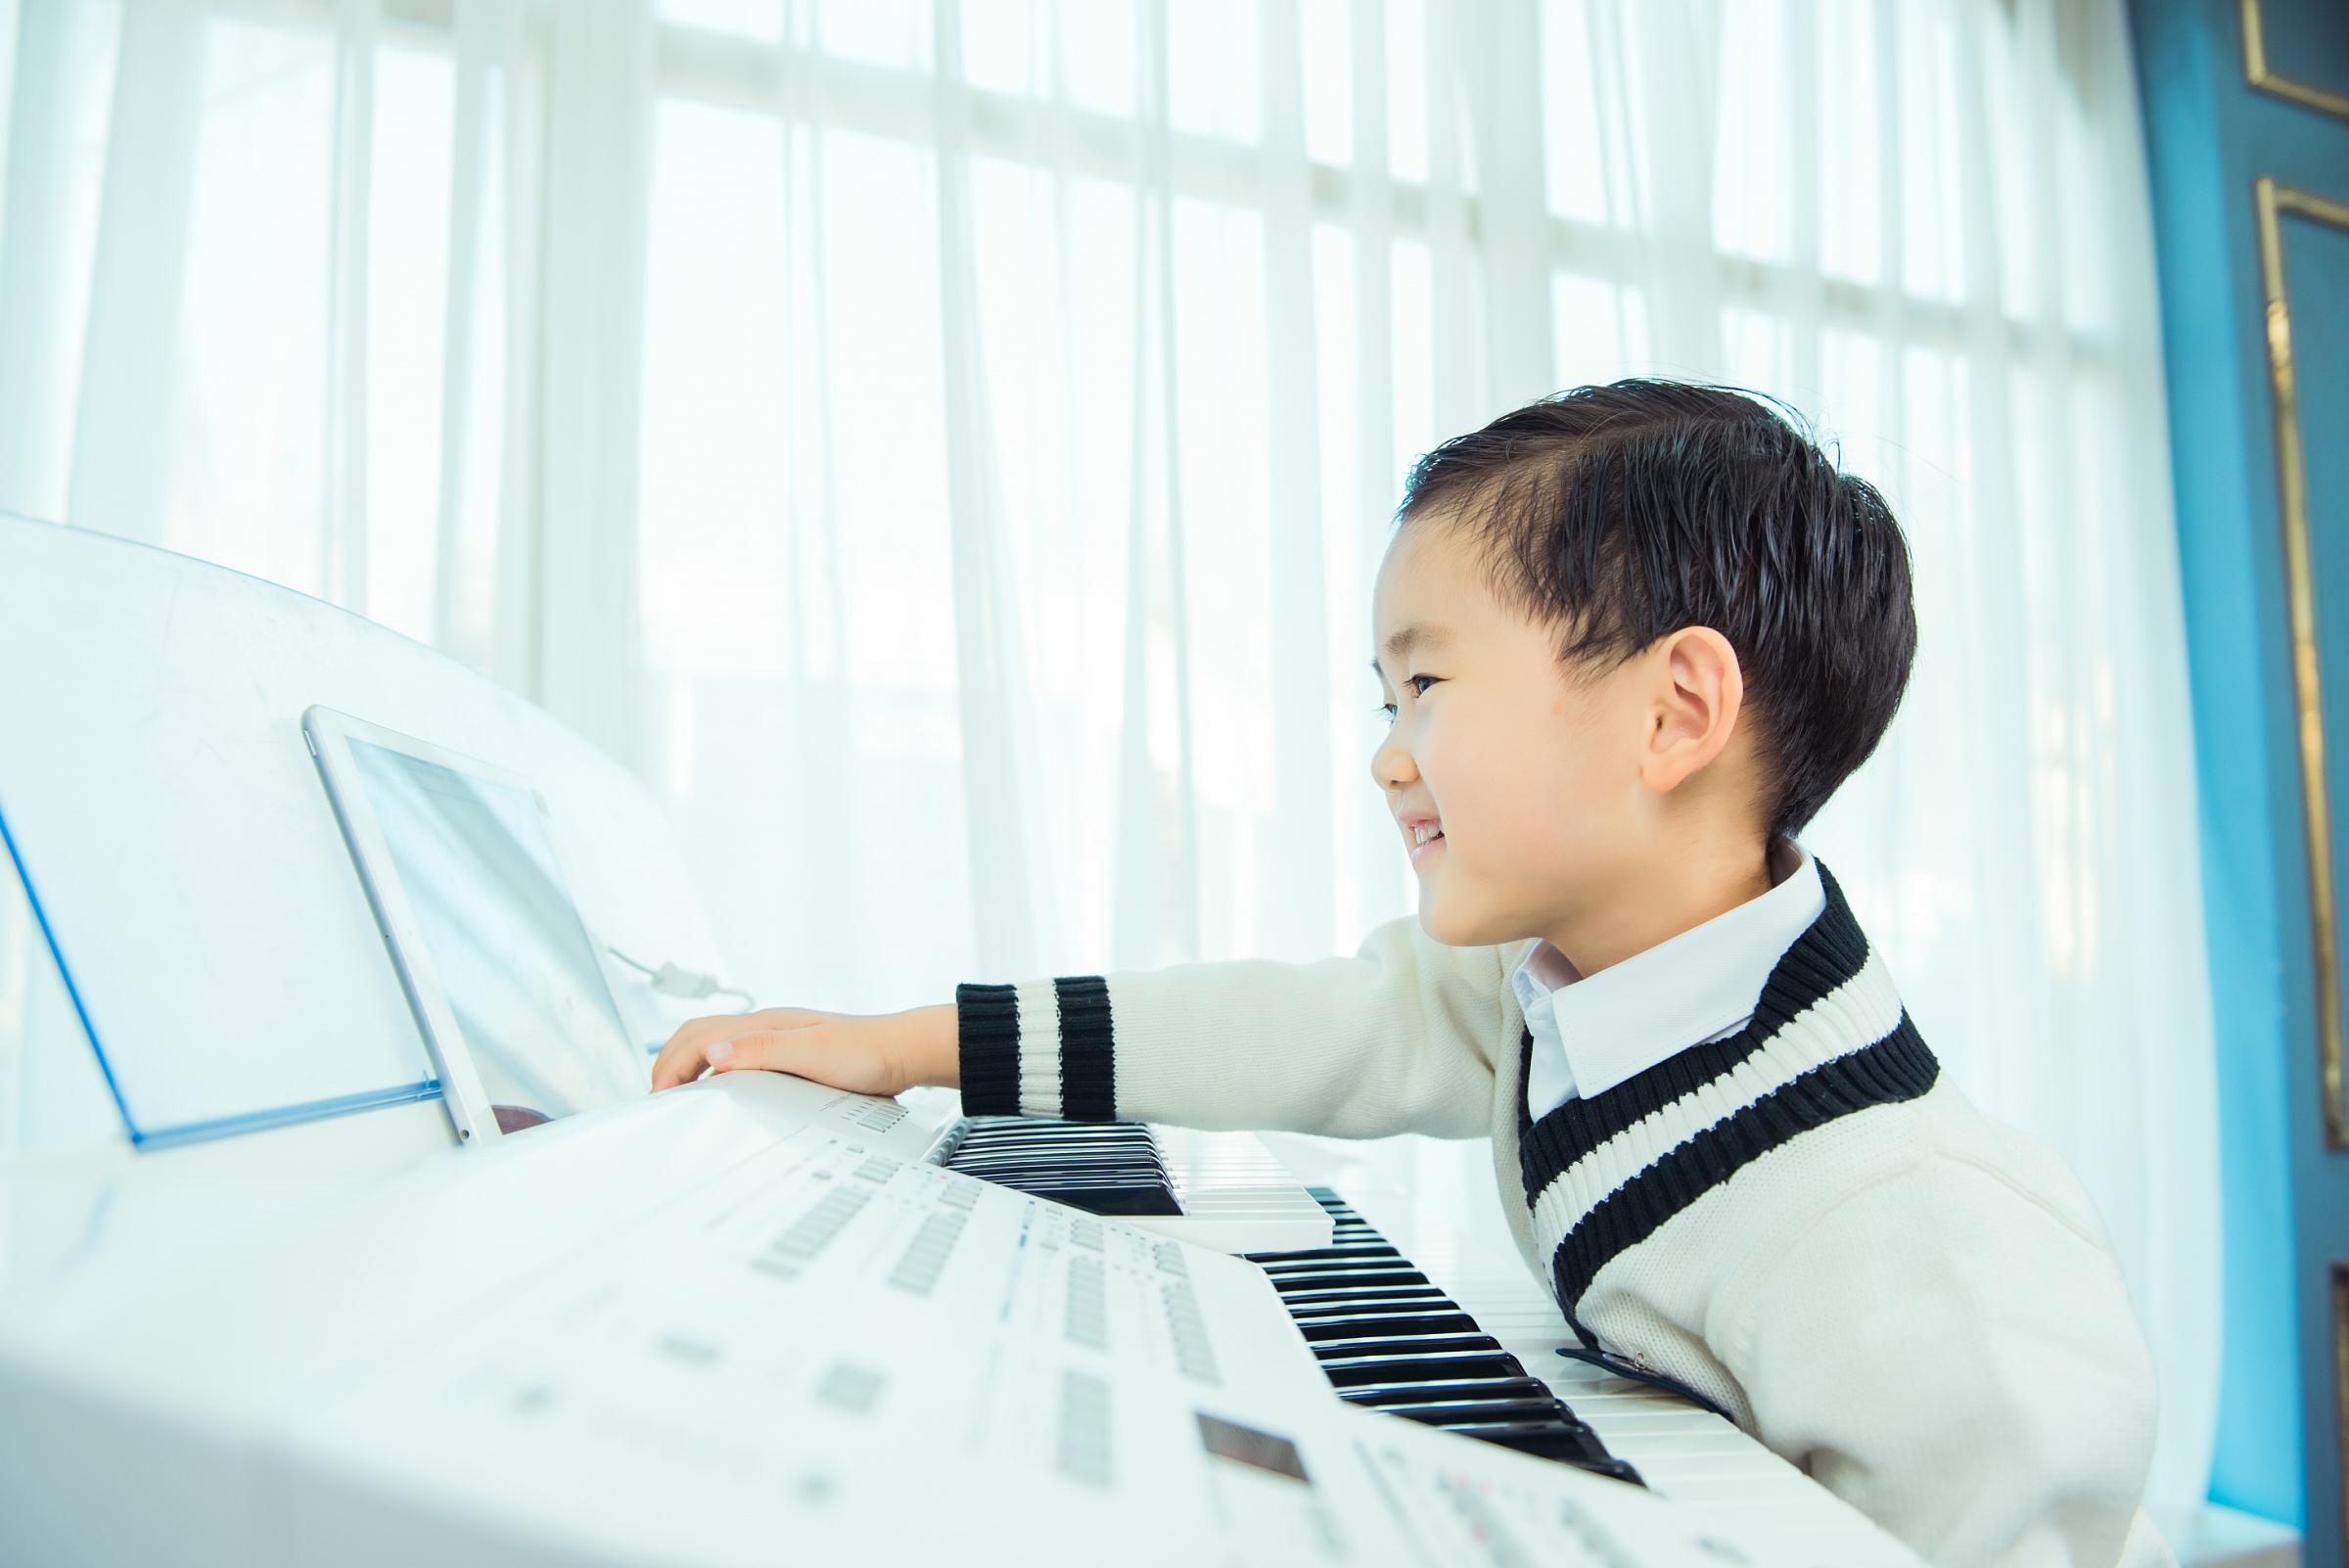 孩子在家不想练琴怎么办?如何培养孩子的兴趣